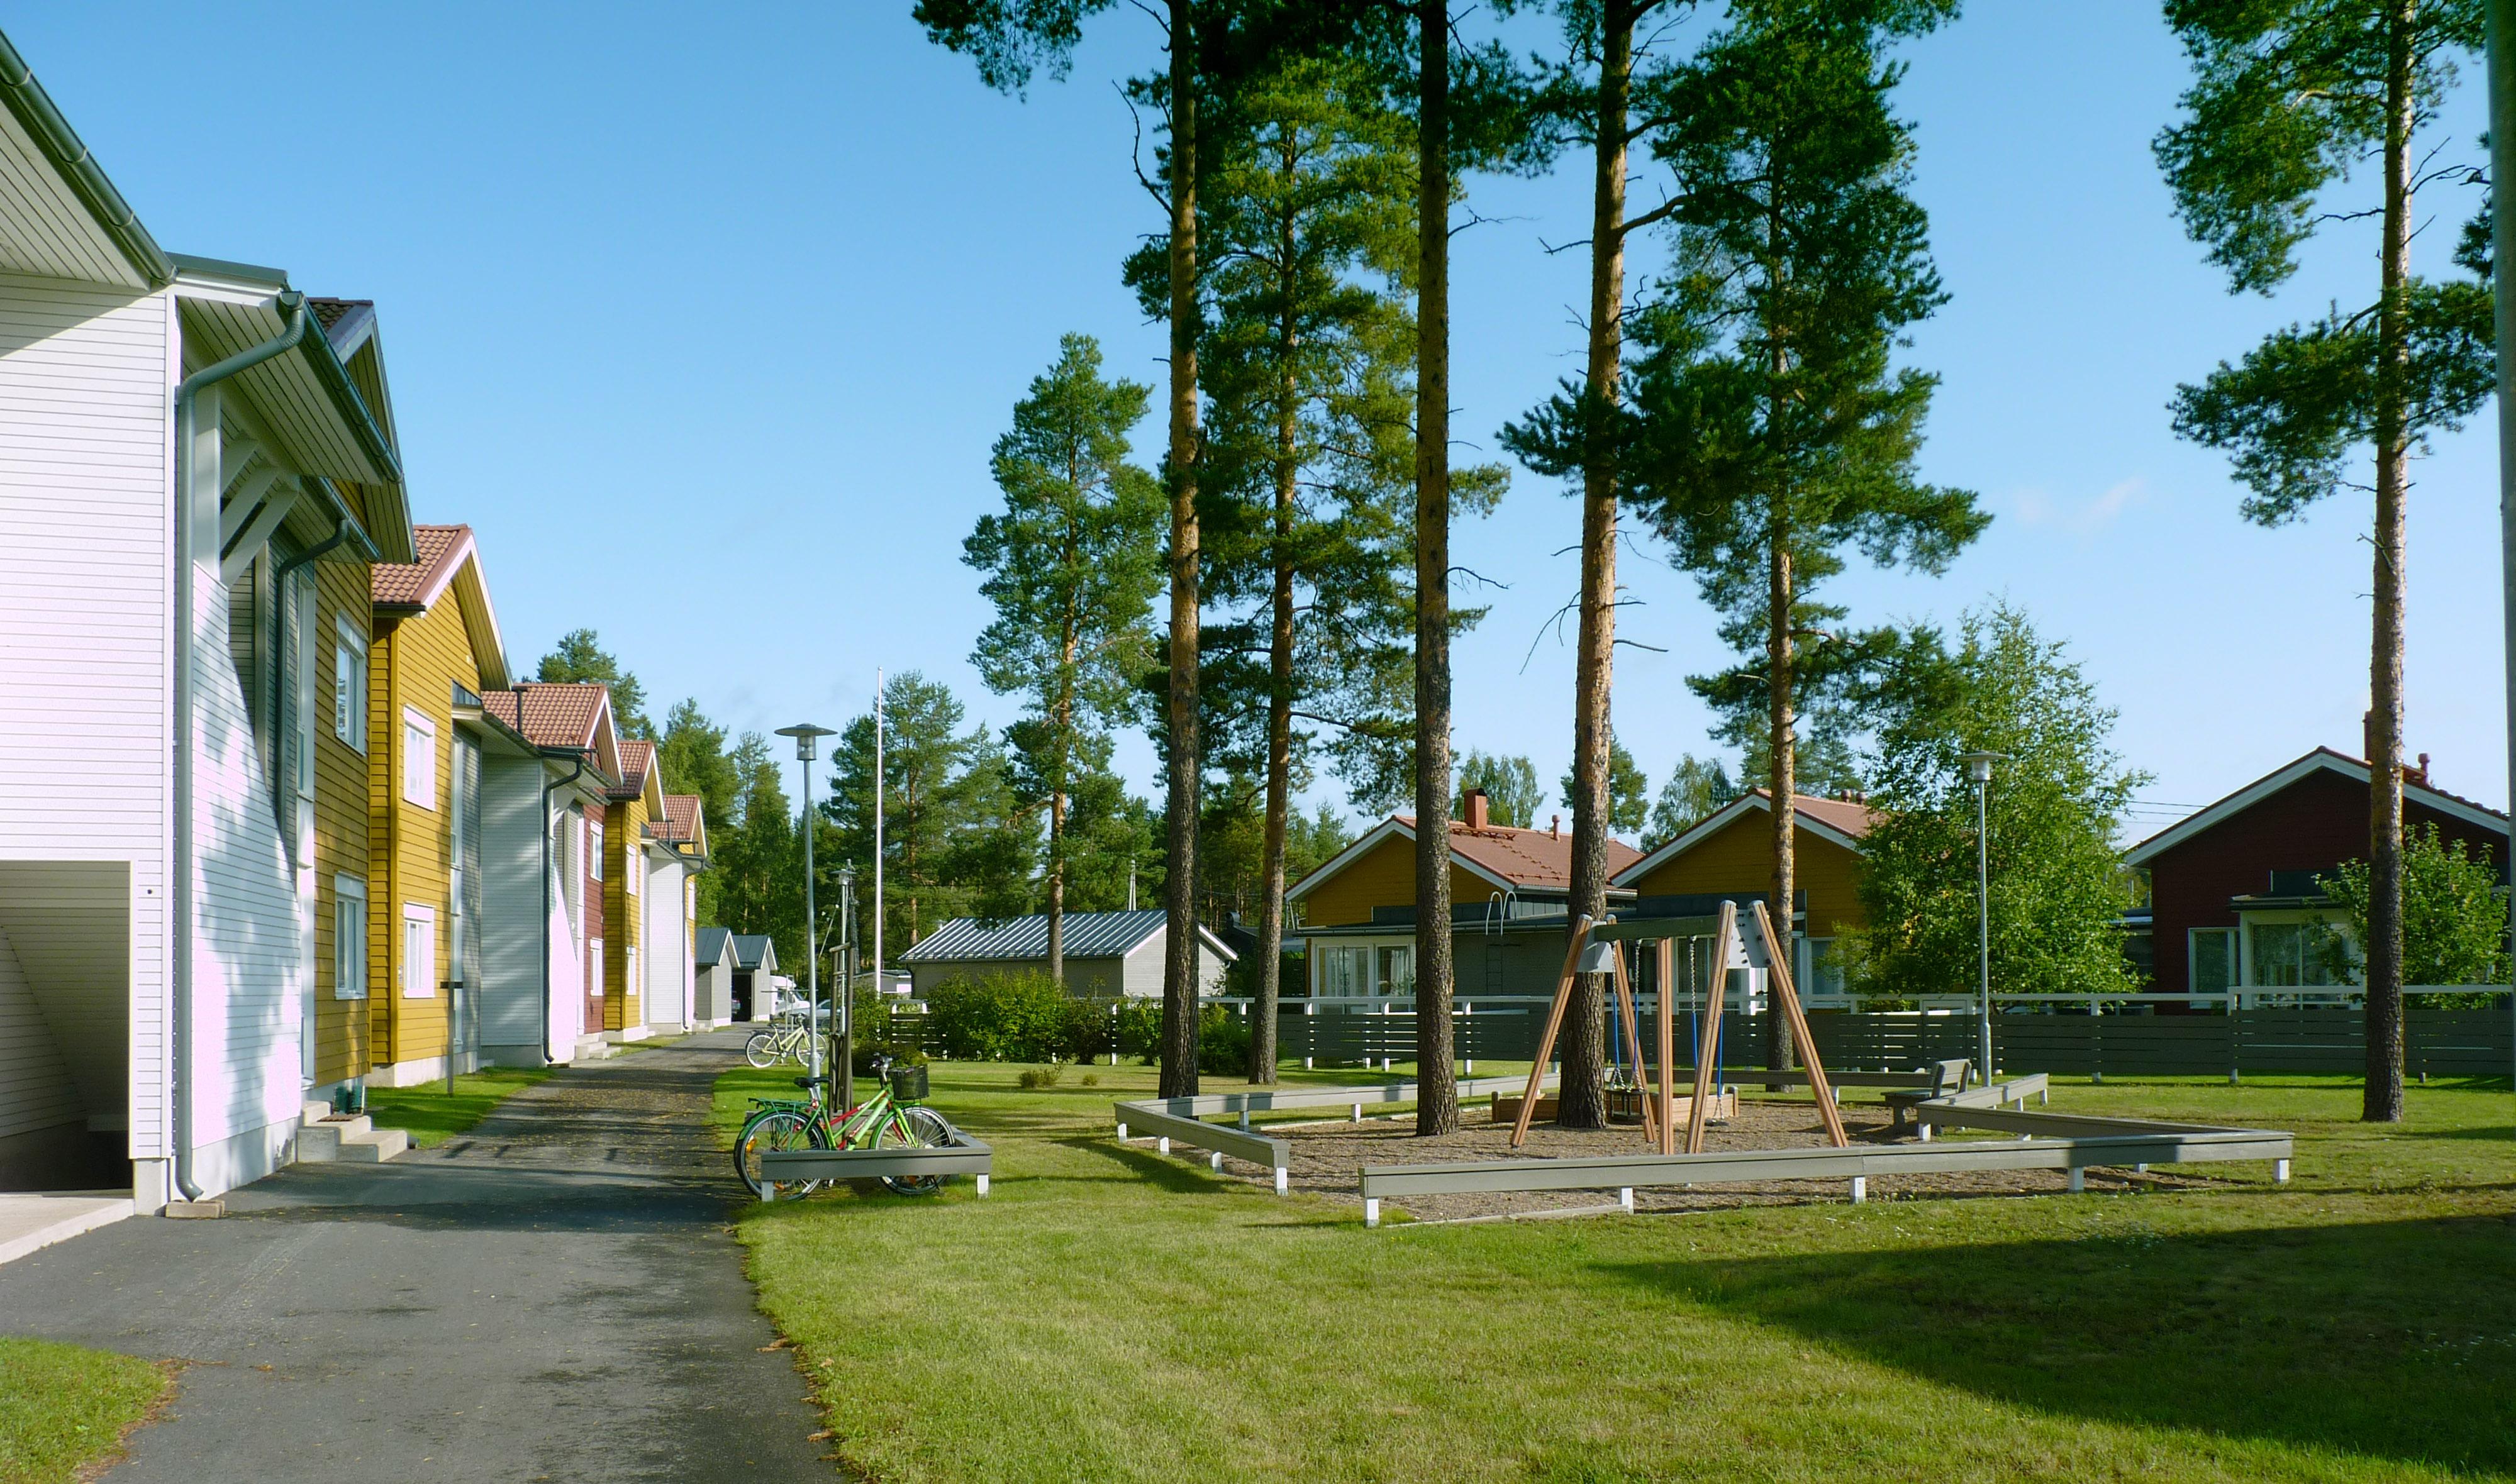 Kytkettyjen pientalojen rajaama piha, jossa on leikkipaikka, nurmea ja mäntyjä.